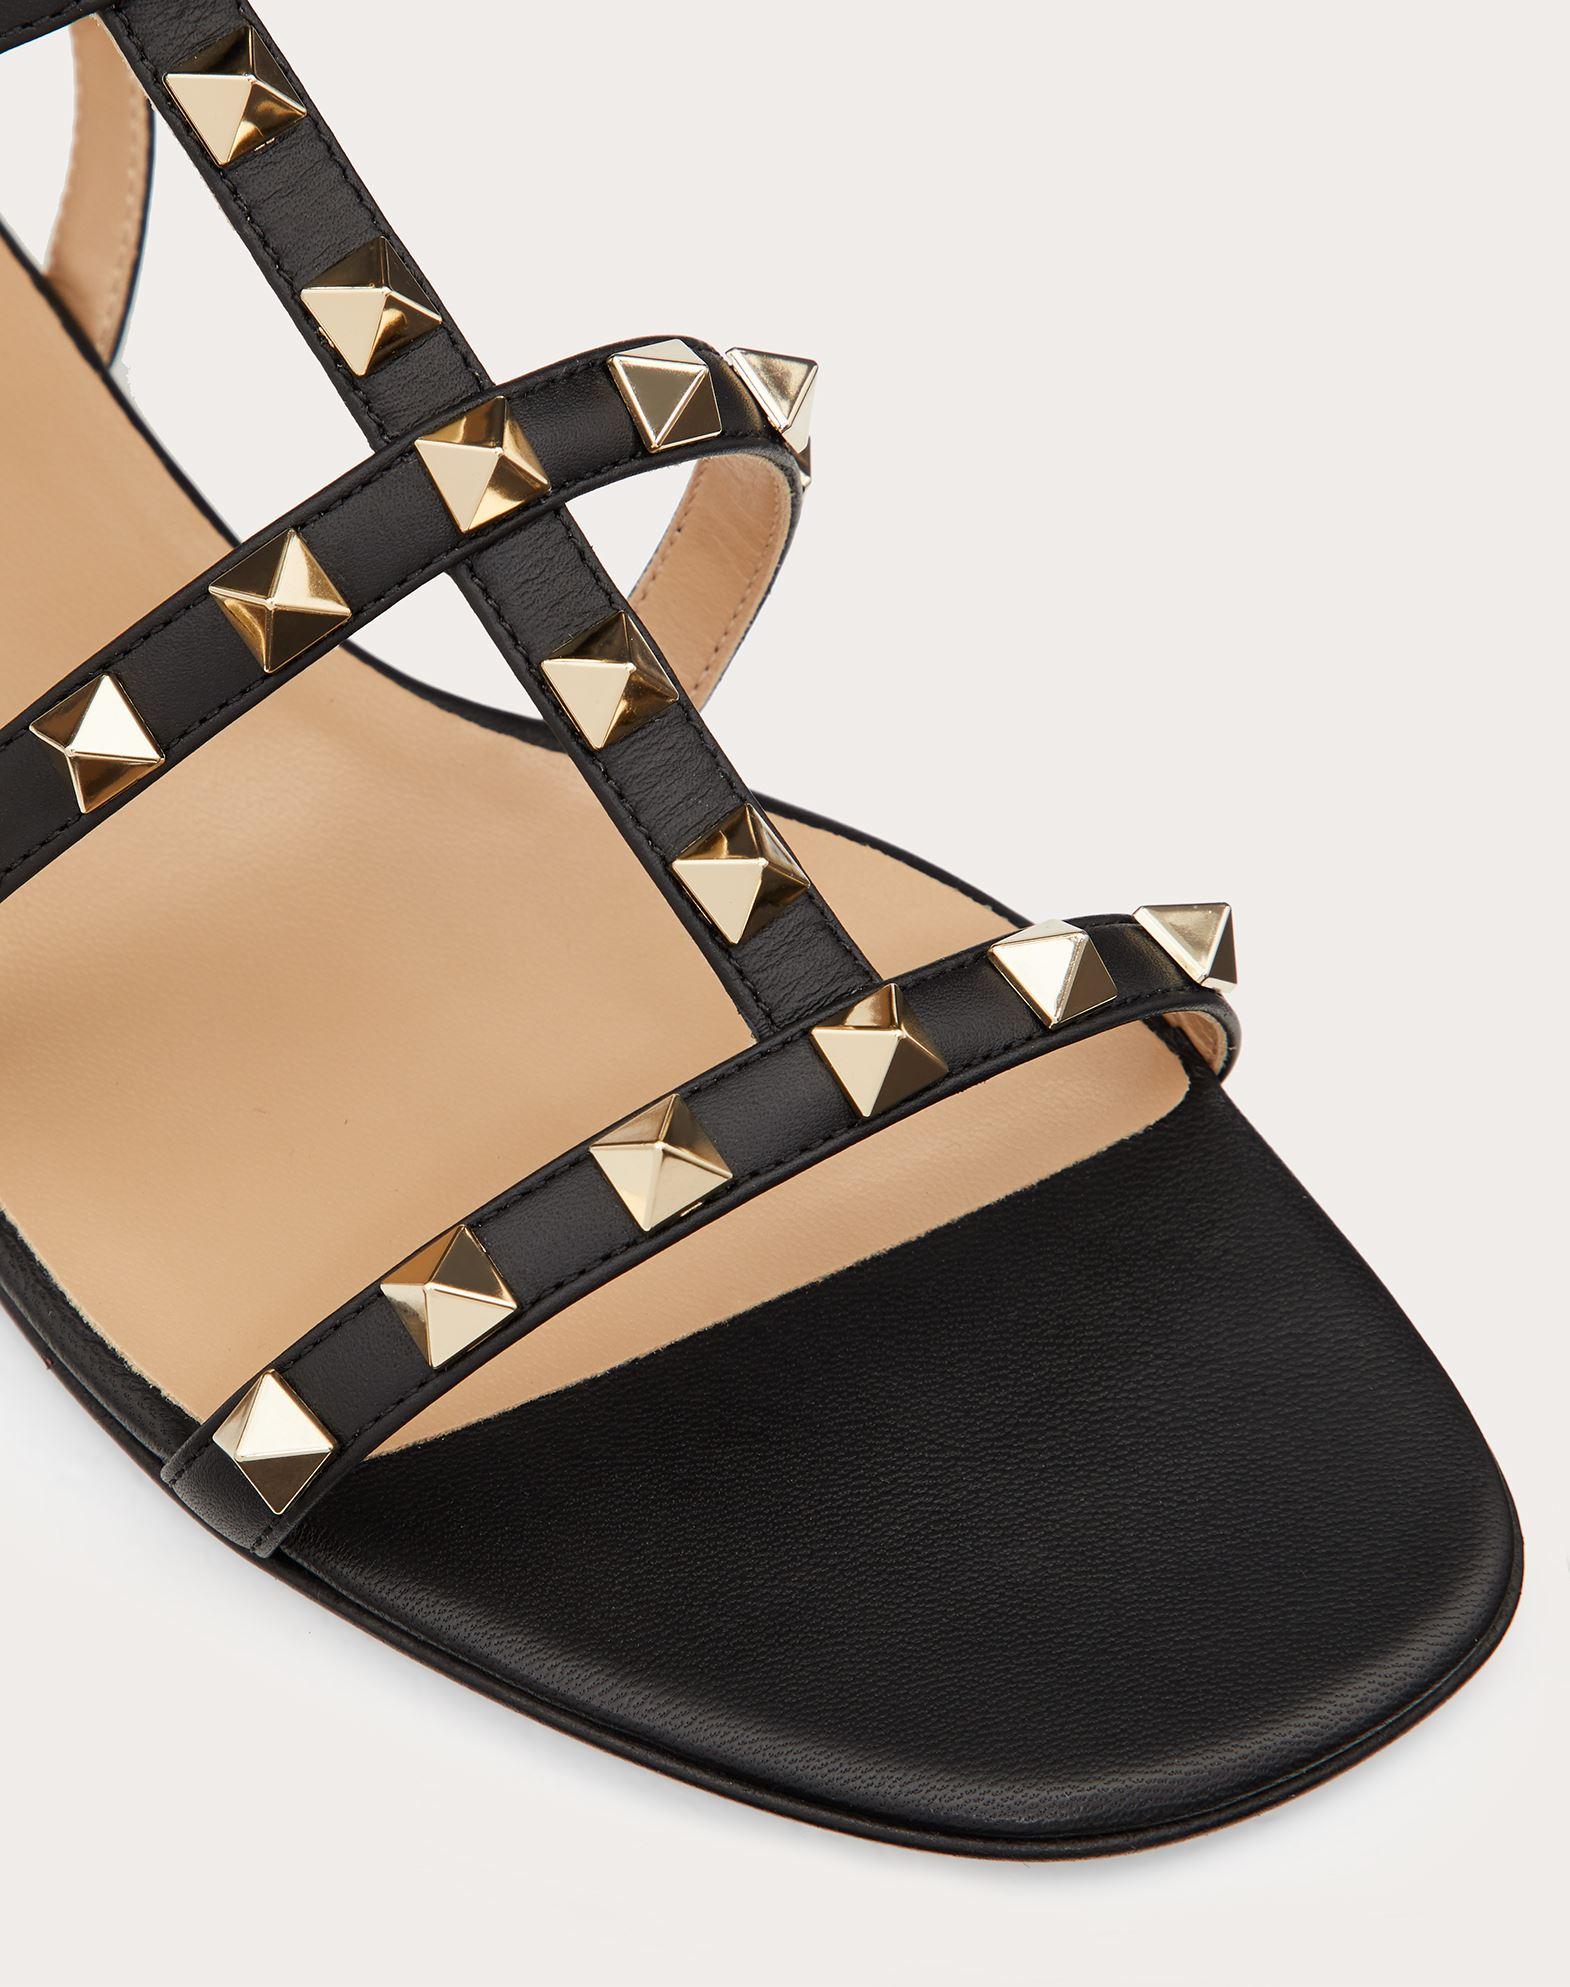 VALENTINO GARAVANI Rockstud Sandal FLAT SANDALS D a